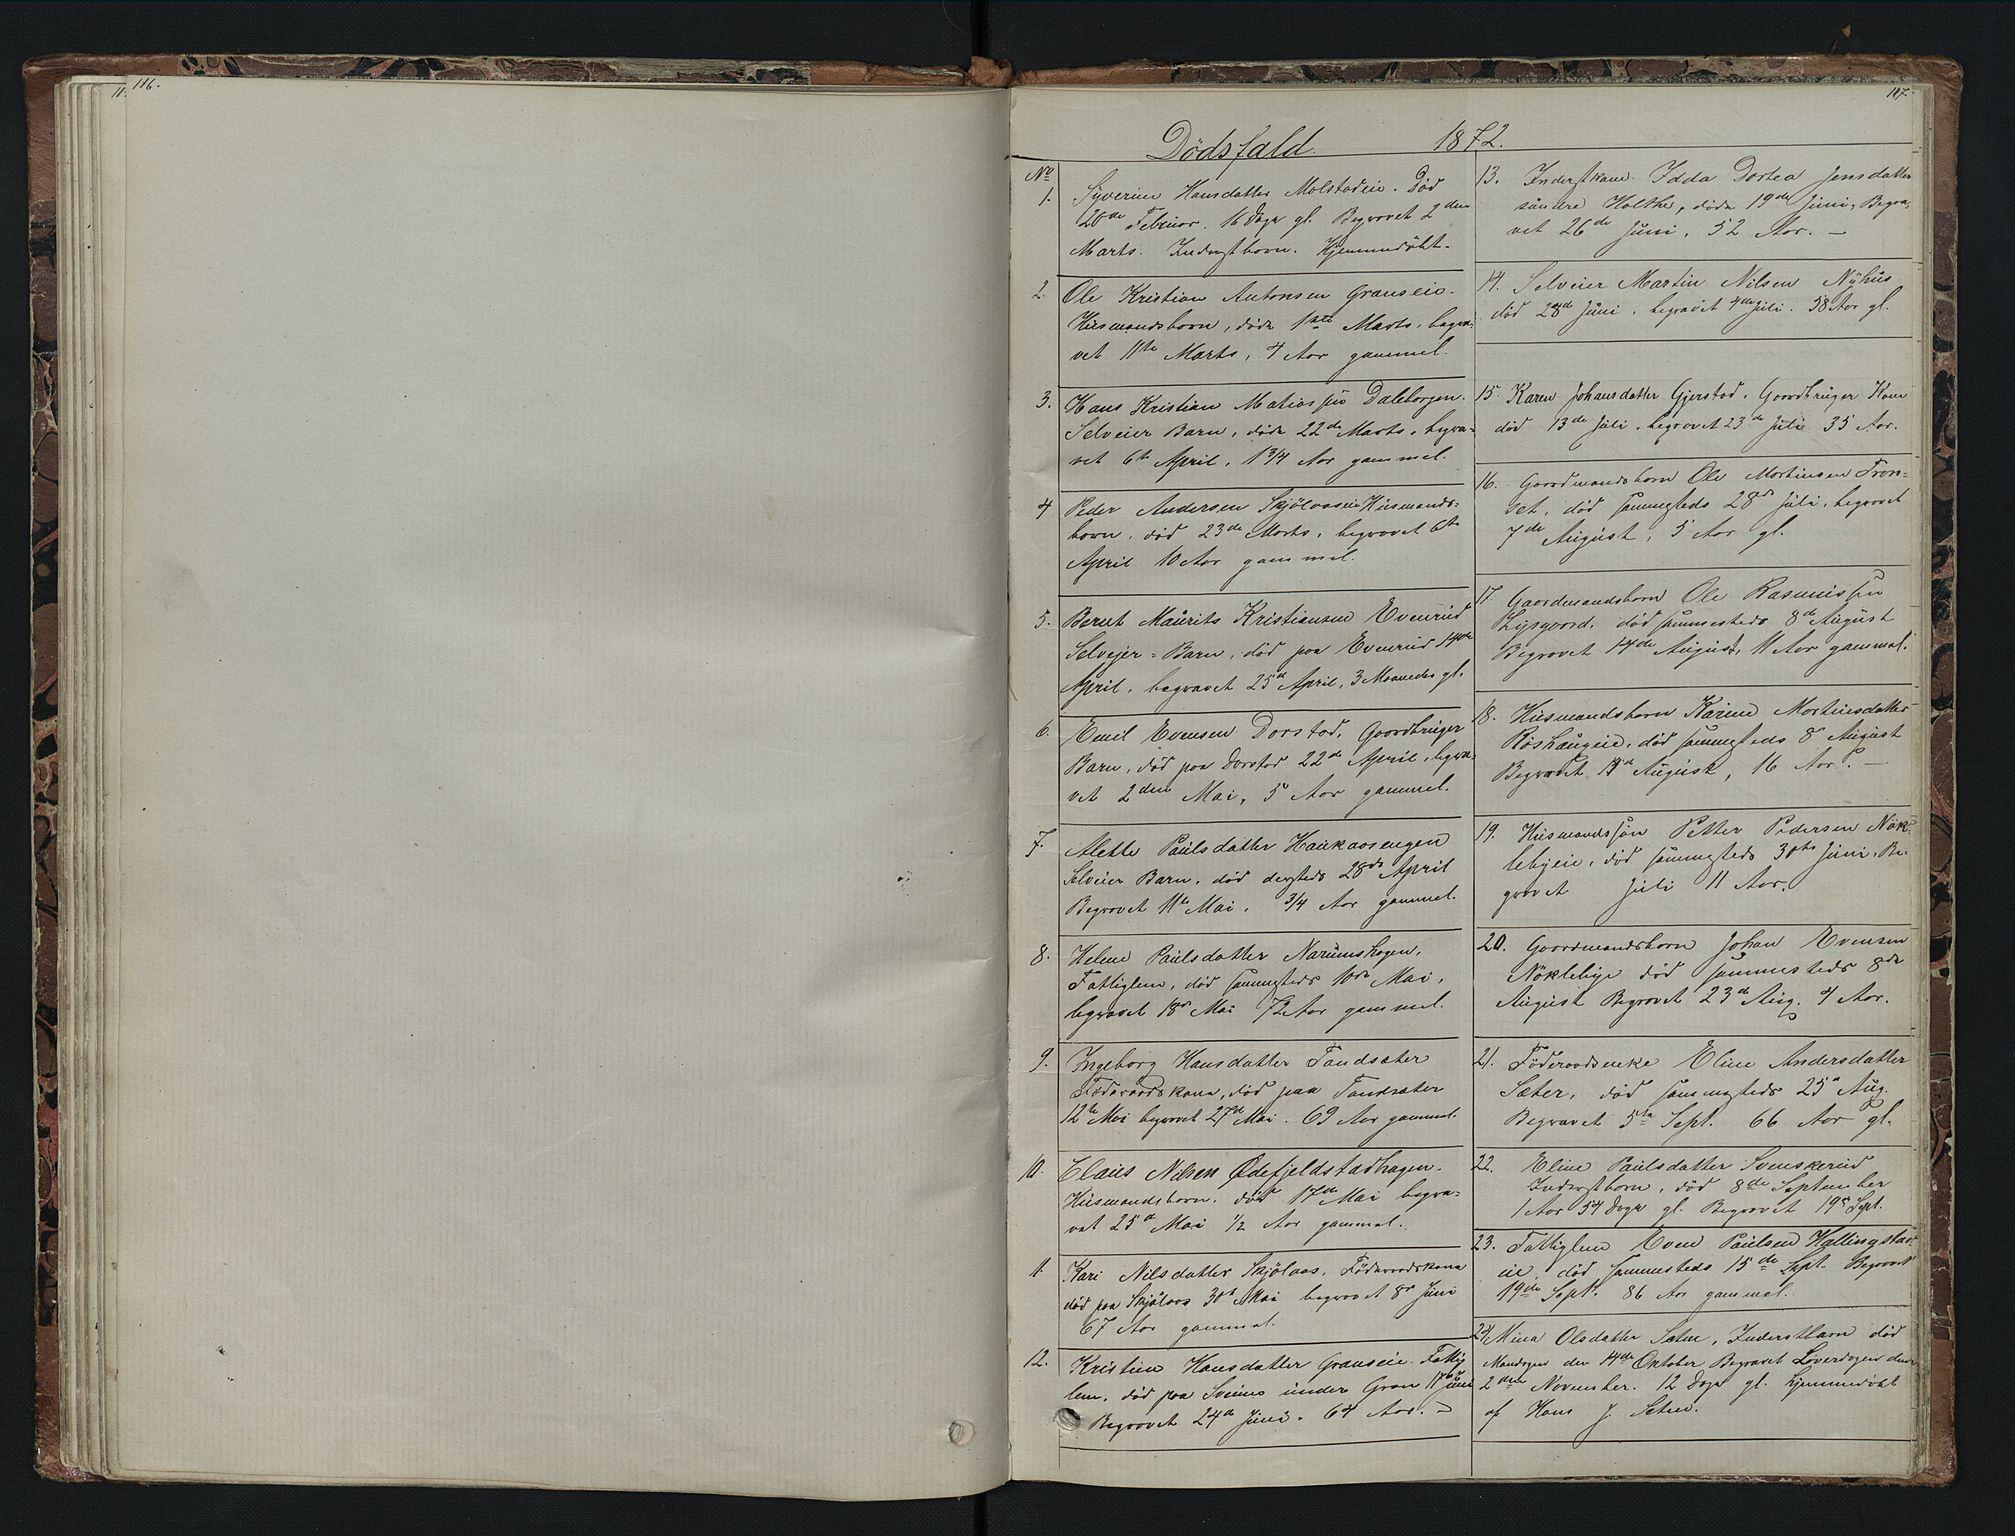 SAH, Vestre Toten prestekontor, Klokkerbok nr. 7, 1872-1900, s. 116-117